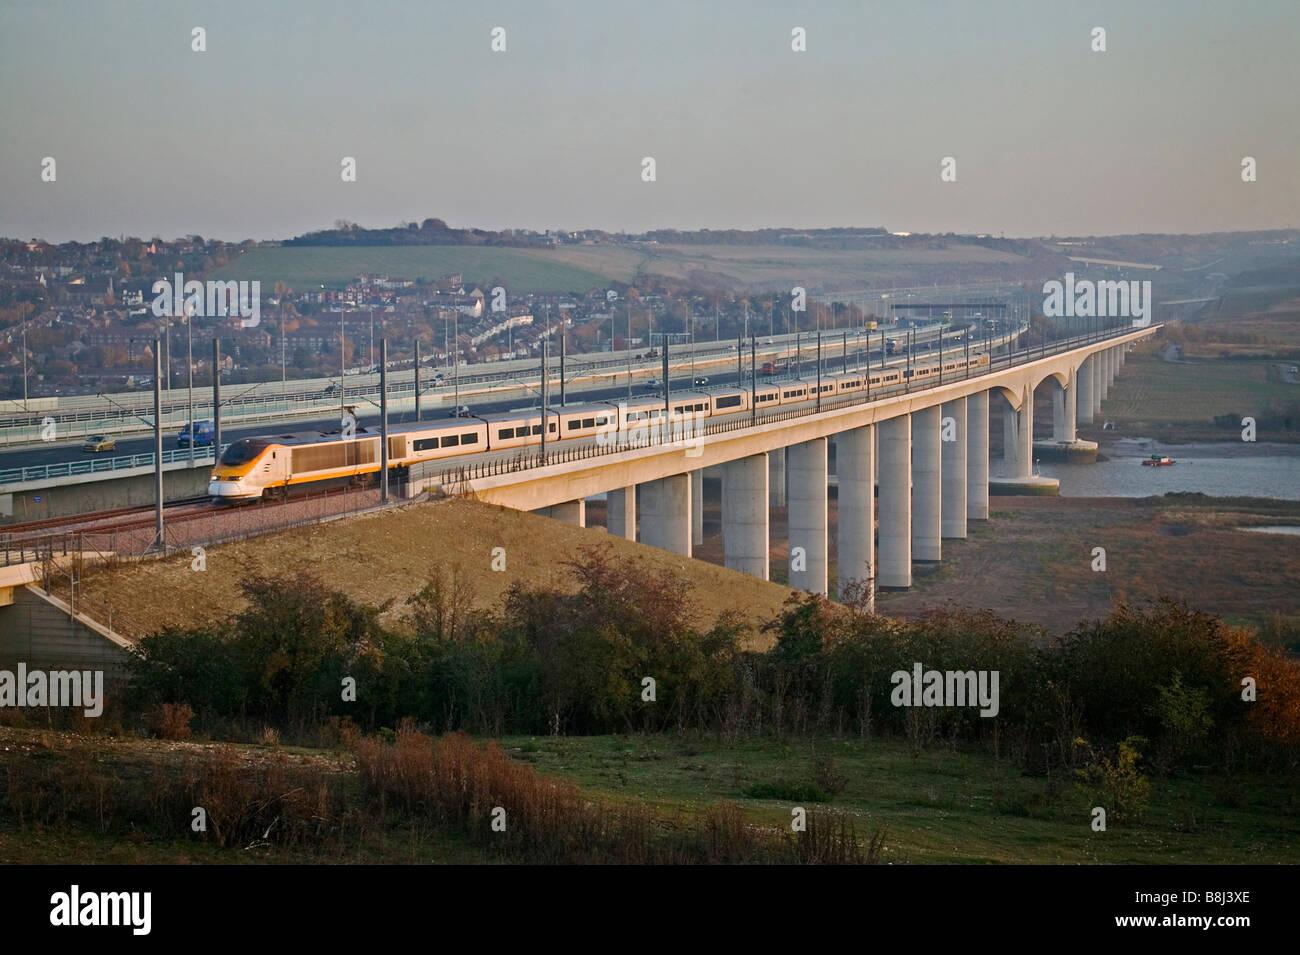 Tren de alta velocidad Eurostar cruza el Medway viaducto en otoño Sol Camino a St Pancras en el enlace ferroviario del Túnel del Canal. Foto de stock